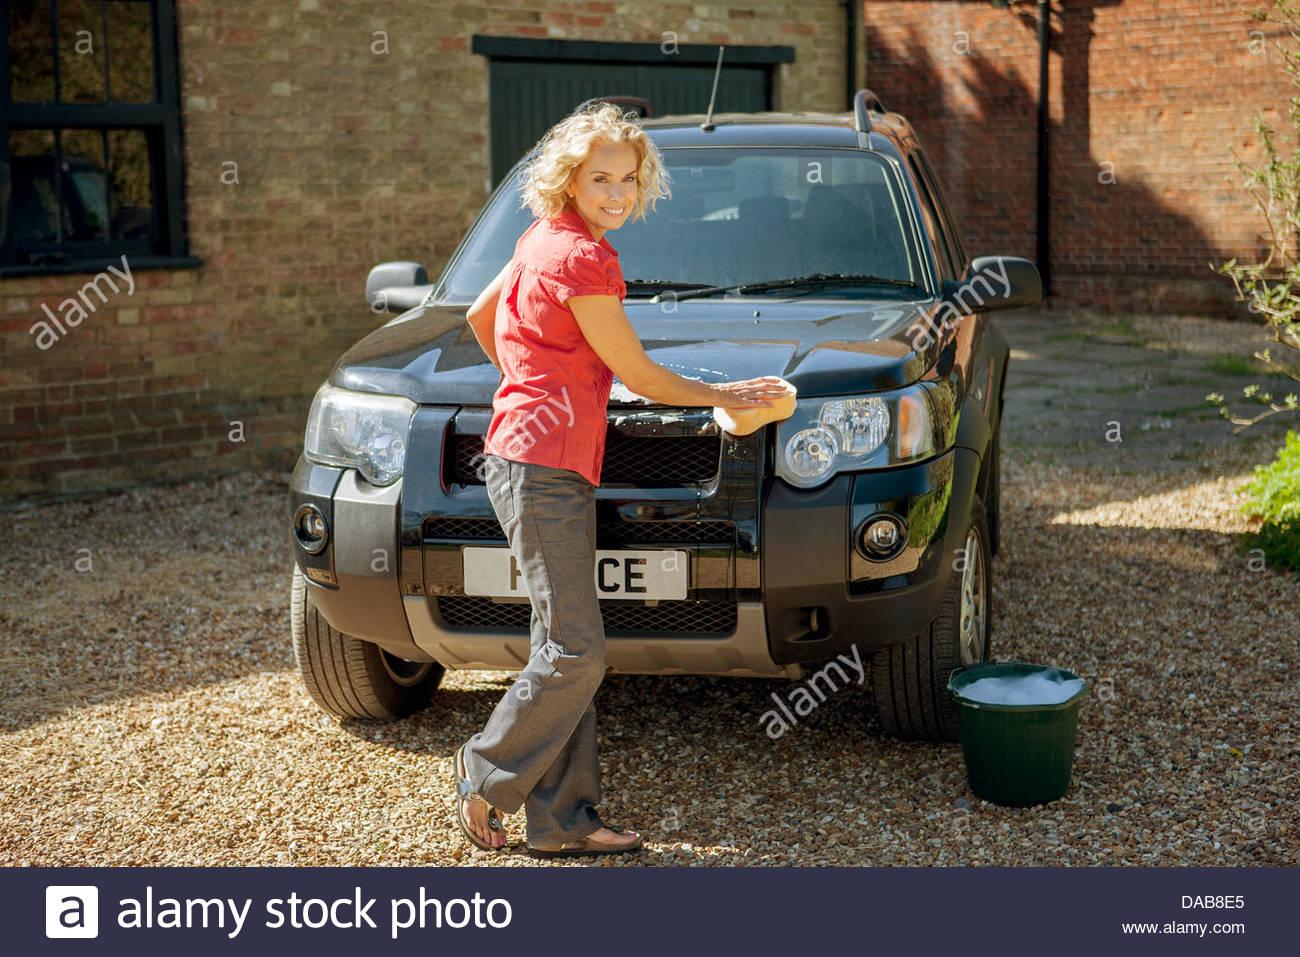 Una donna matura il lavaggio una trazione a quattro ruote motrici auto Immagini Stock